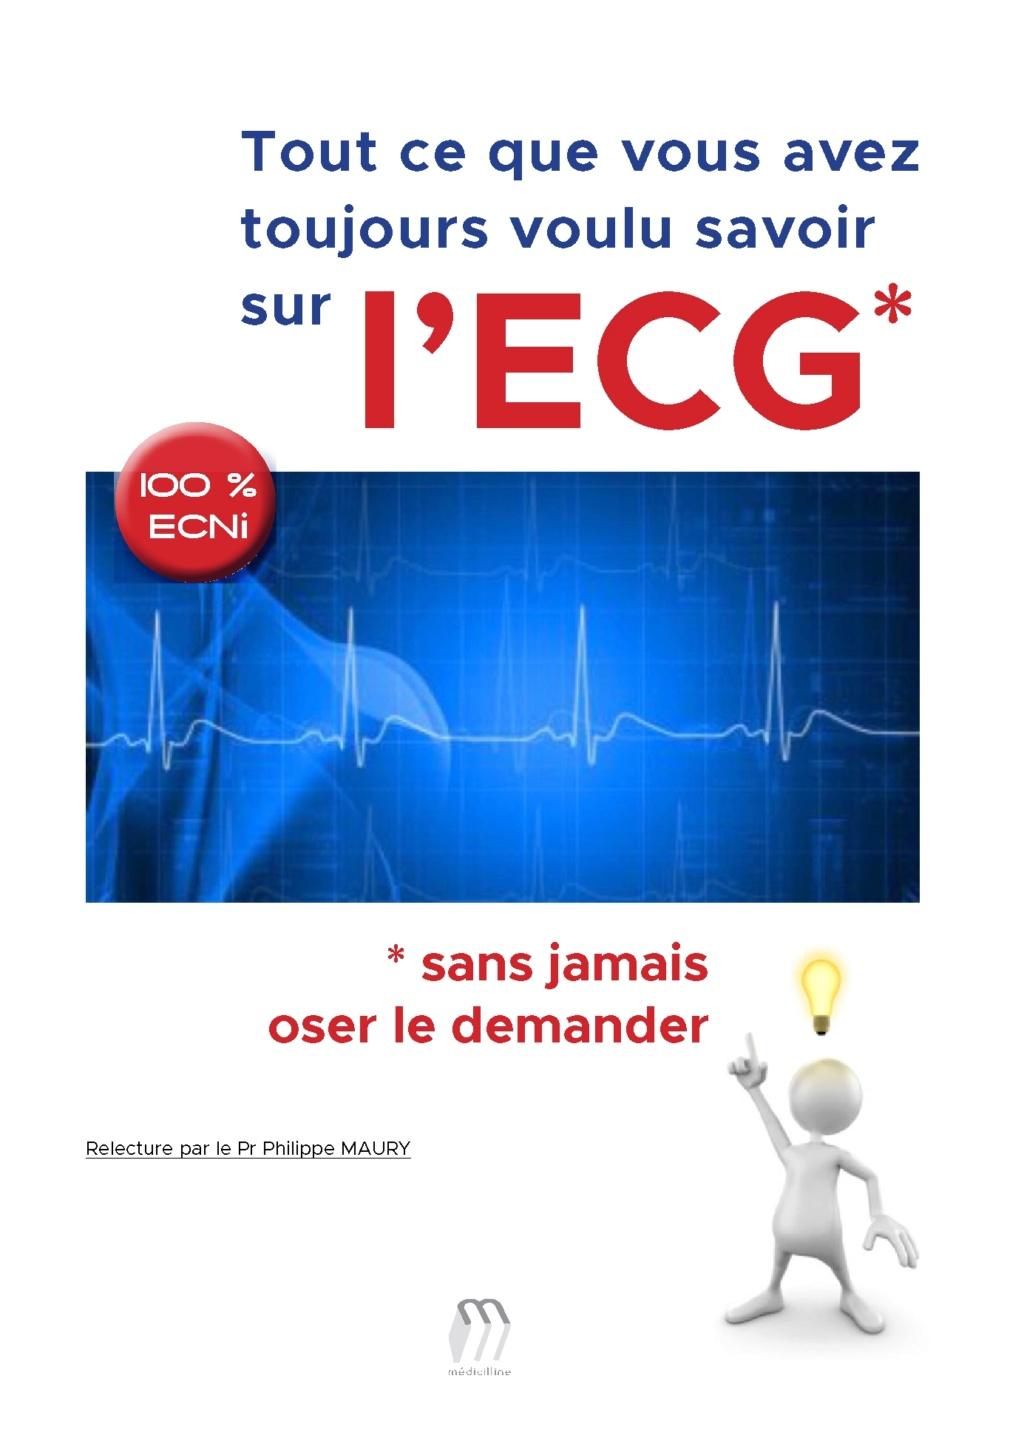 Livres Médicales - Tout ce que vous avez toujours voulu savoir sur l'ECG sans jamais oser le demander 2018 Tout_c10